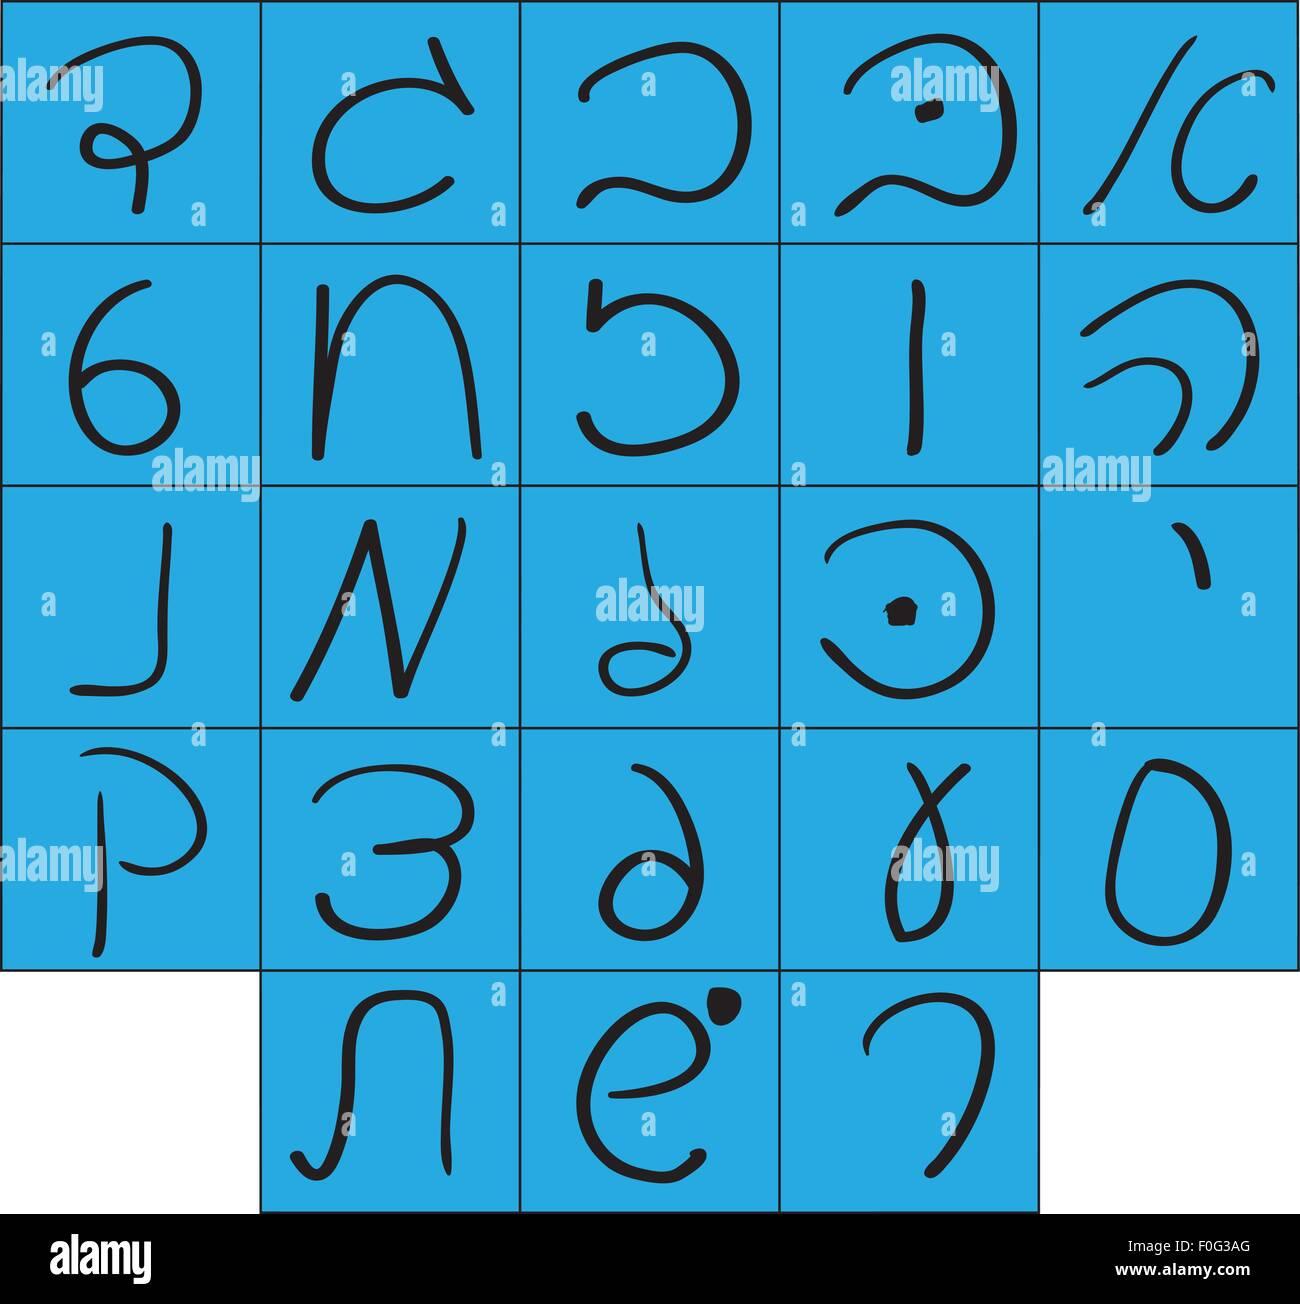 Handwritten Hebrew alphabet. - Stock Image